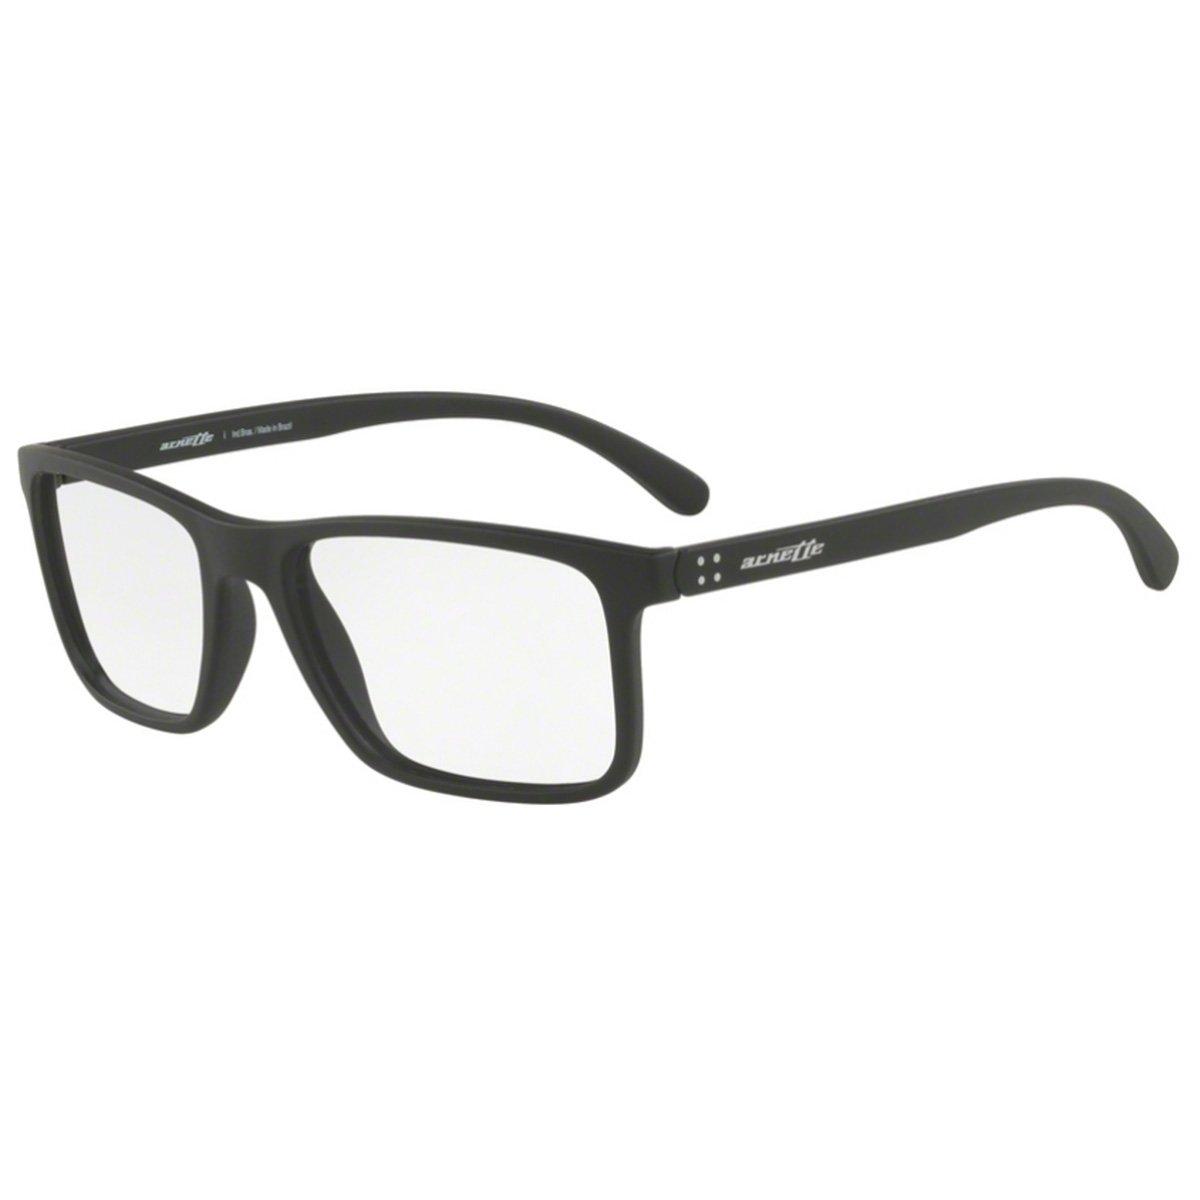 c156e58fb07b9 Compre Óculos de Grau Arnette em 10X   Tri-Jóia Shop